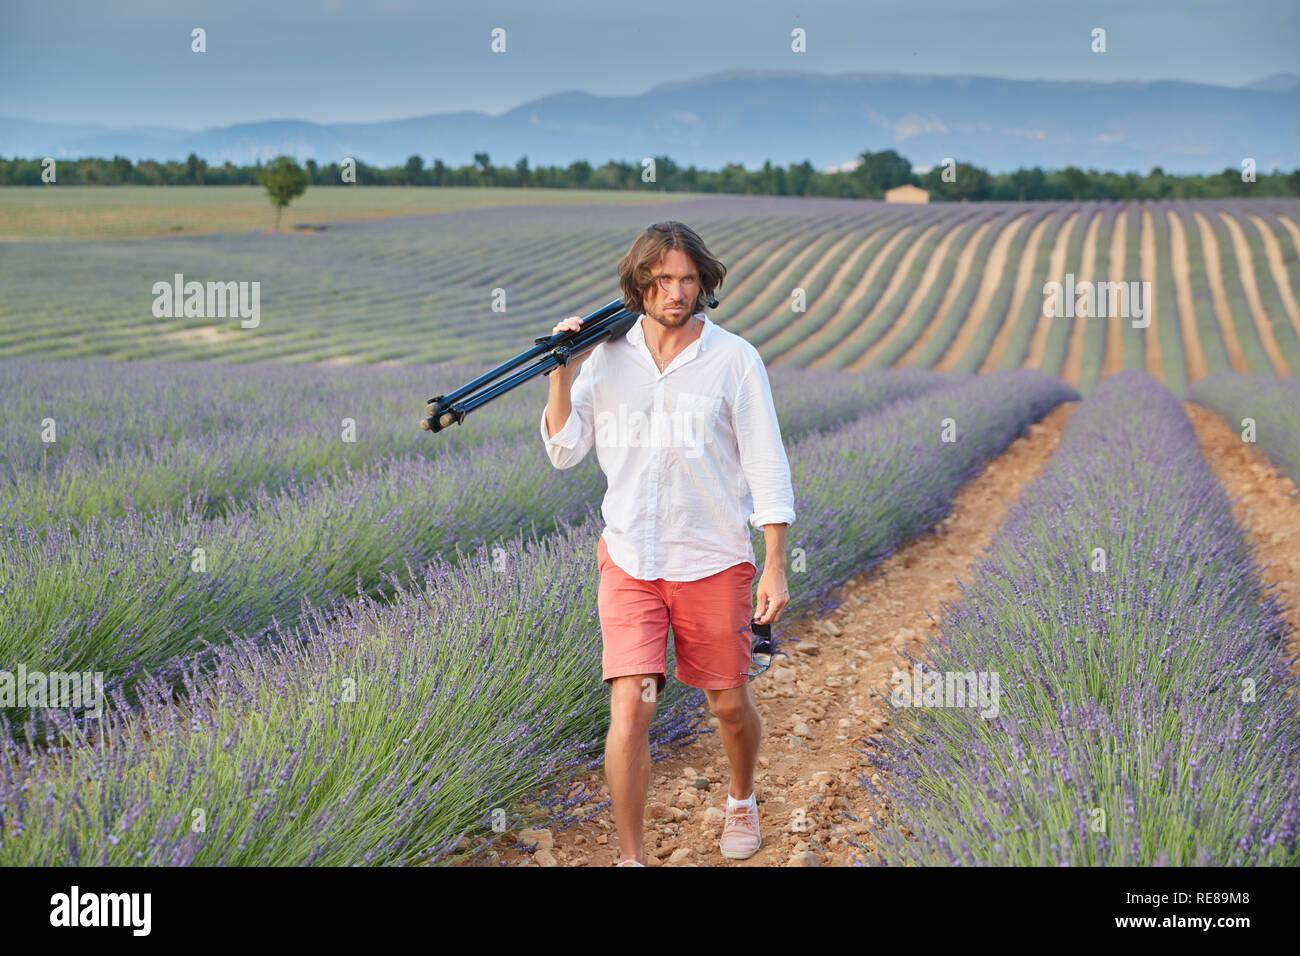 La hermosa joven hombre brutal va a un campo lila al atardecer, él está vestido con una camisa blanca de manga corta y calzones rojos, el fotógrafo Imagen De Stock